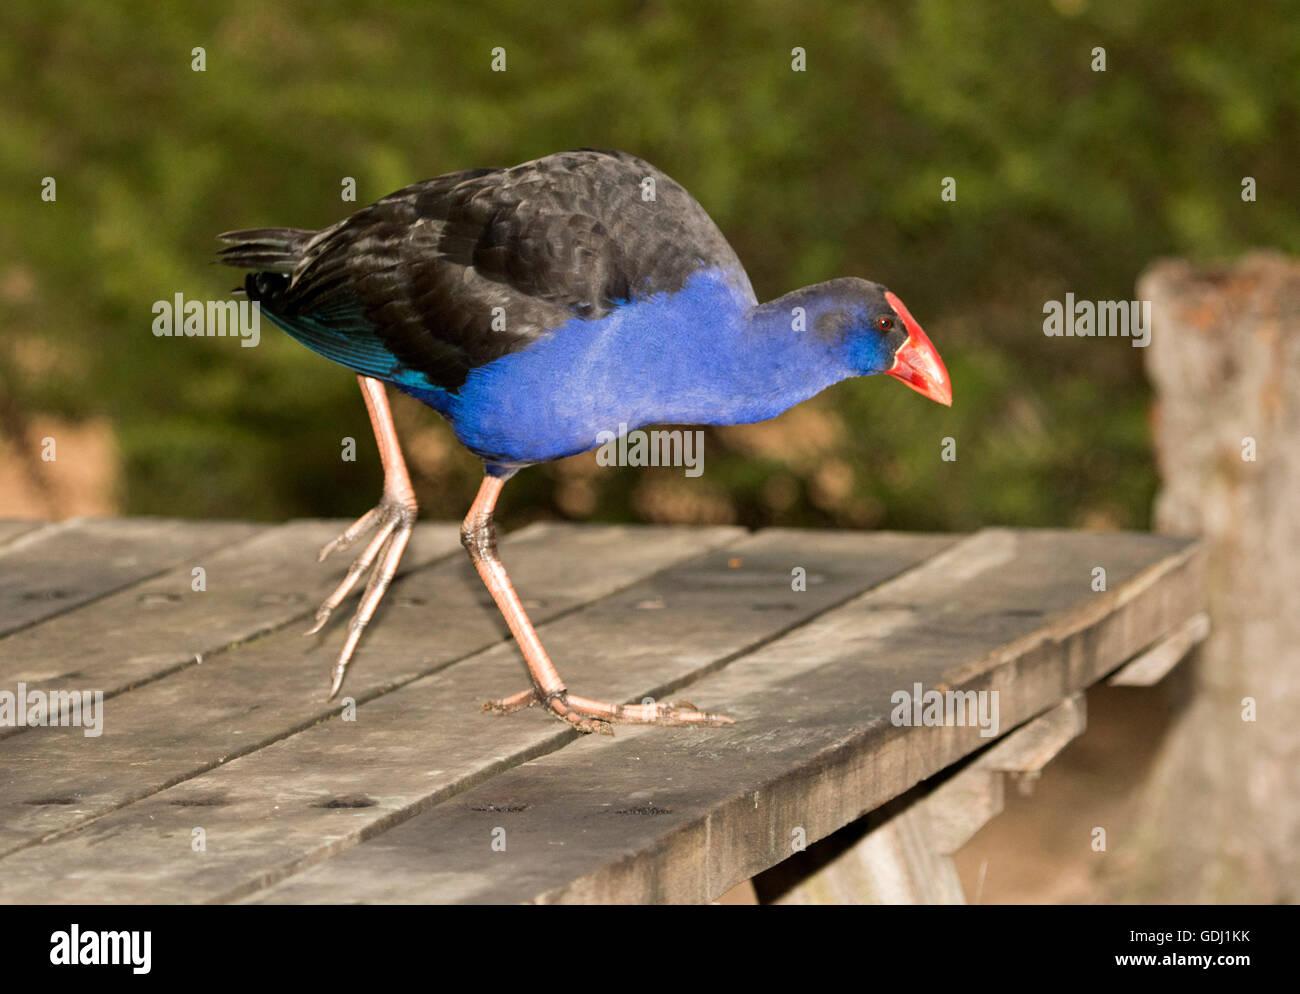 Talève sultane Porphyrio porphyrio avec d'énormes pieds, plumage noir et bleu vif rouge vif et le projet de loi sur la table de pique-nique en Australie Banque D'Images